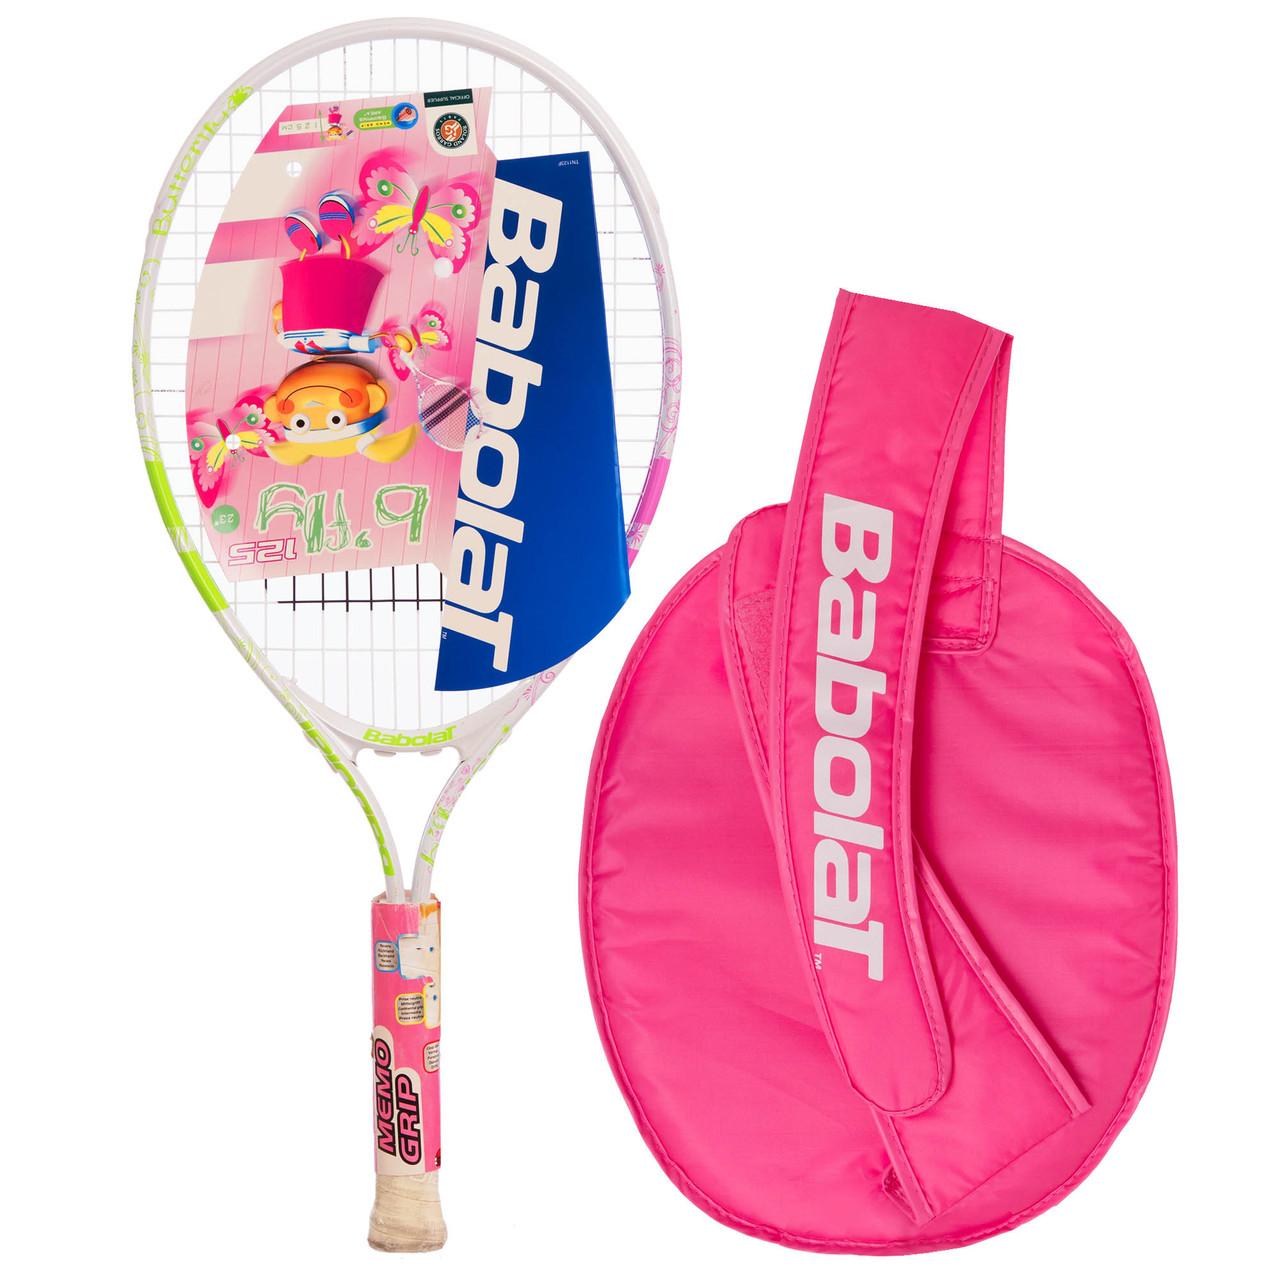 Ракетка для большого тенниса юниорская BABOLAT B FLY 125 JUNIOR (салатовый)